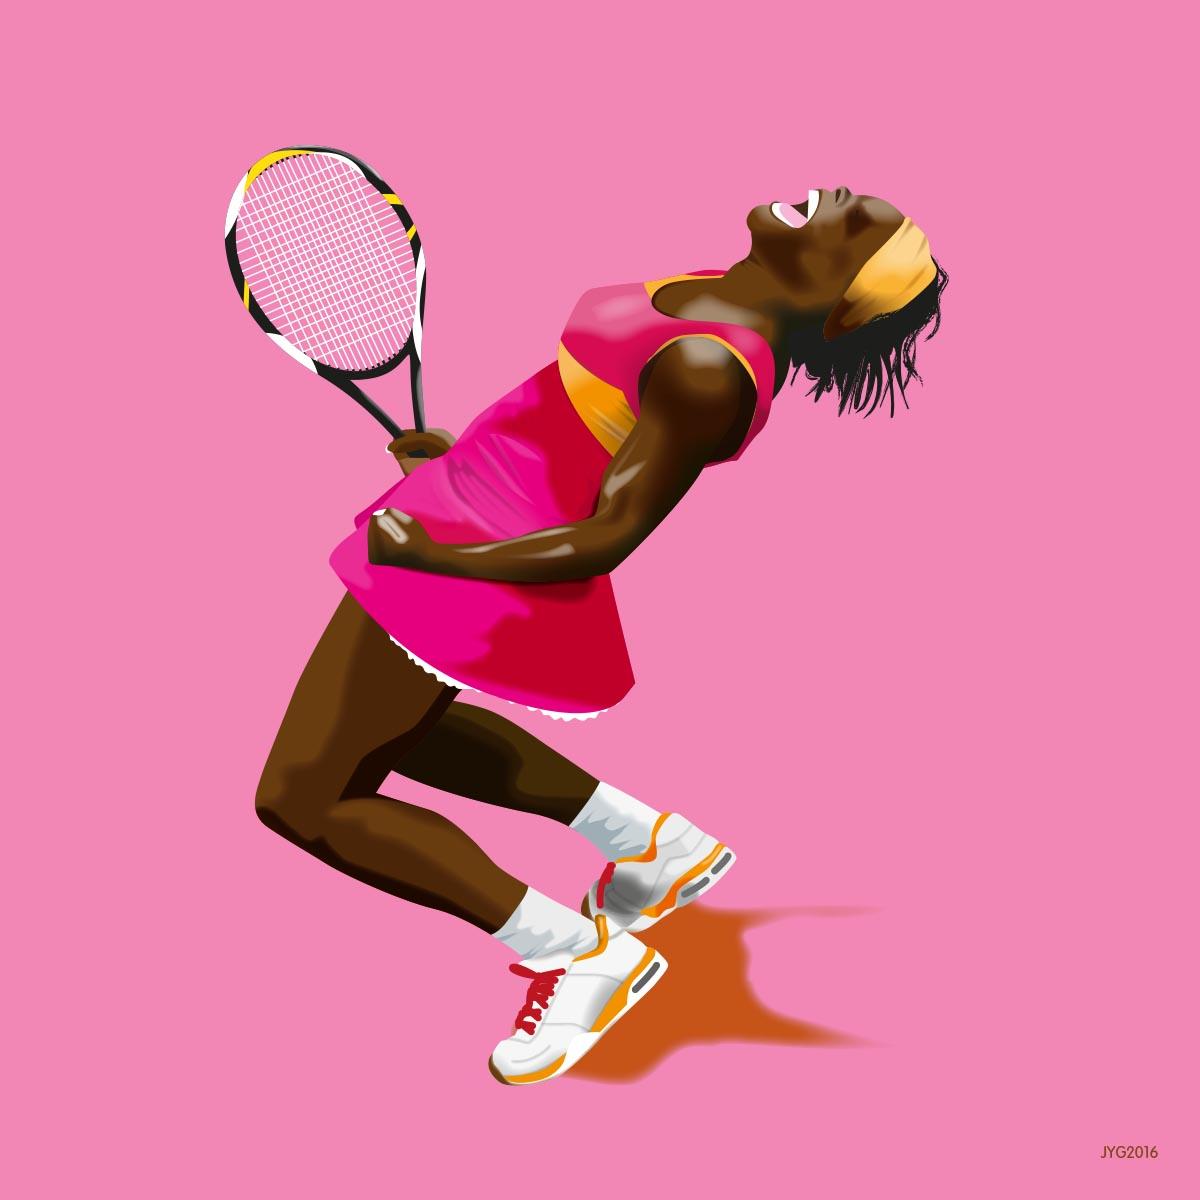 tennis_williams